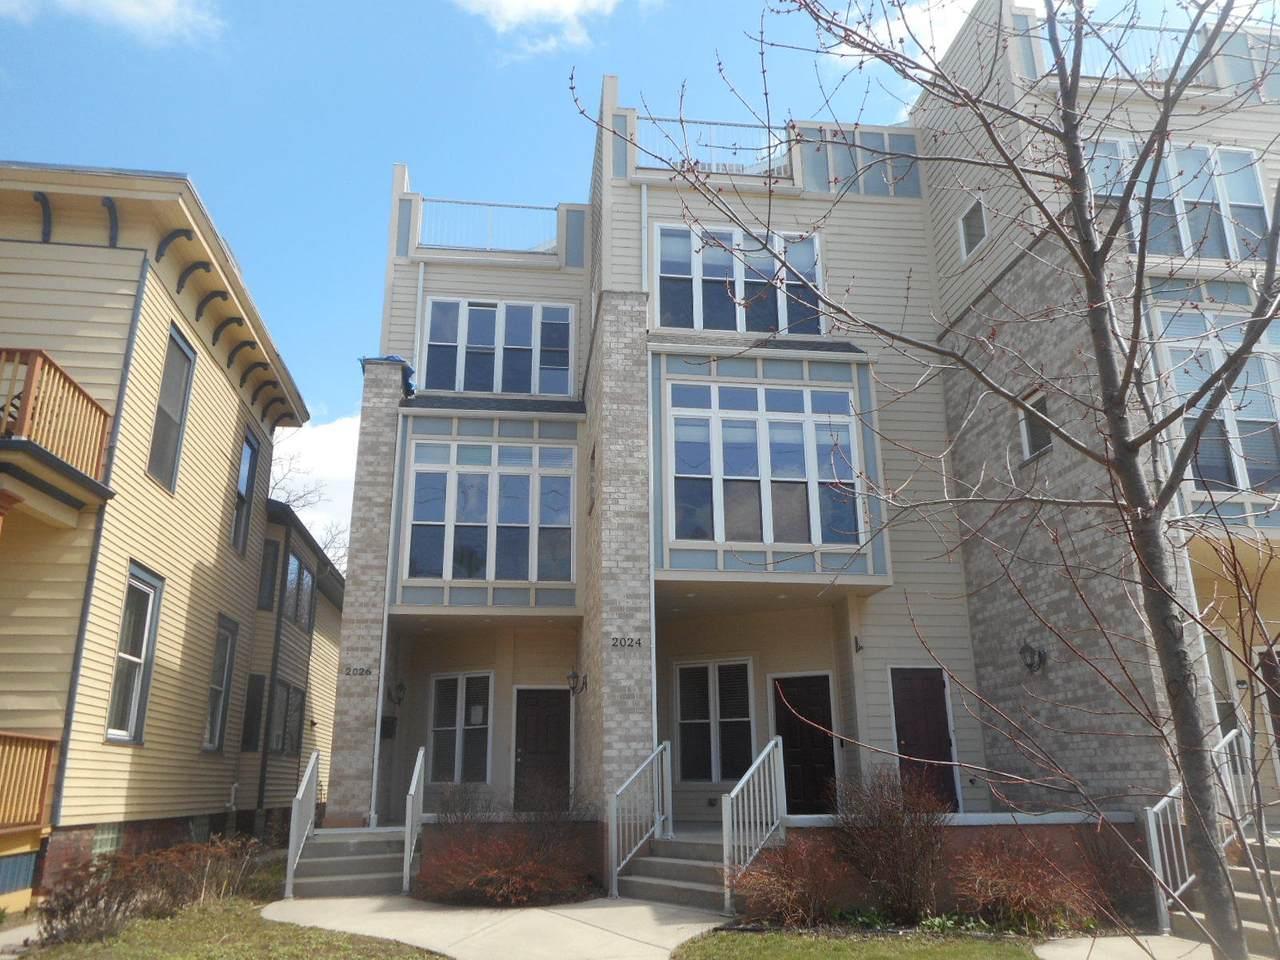 2026 Cambridge Ave - Photo 1